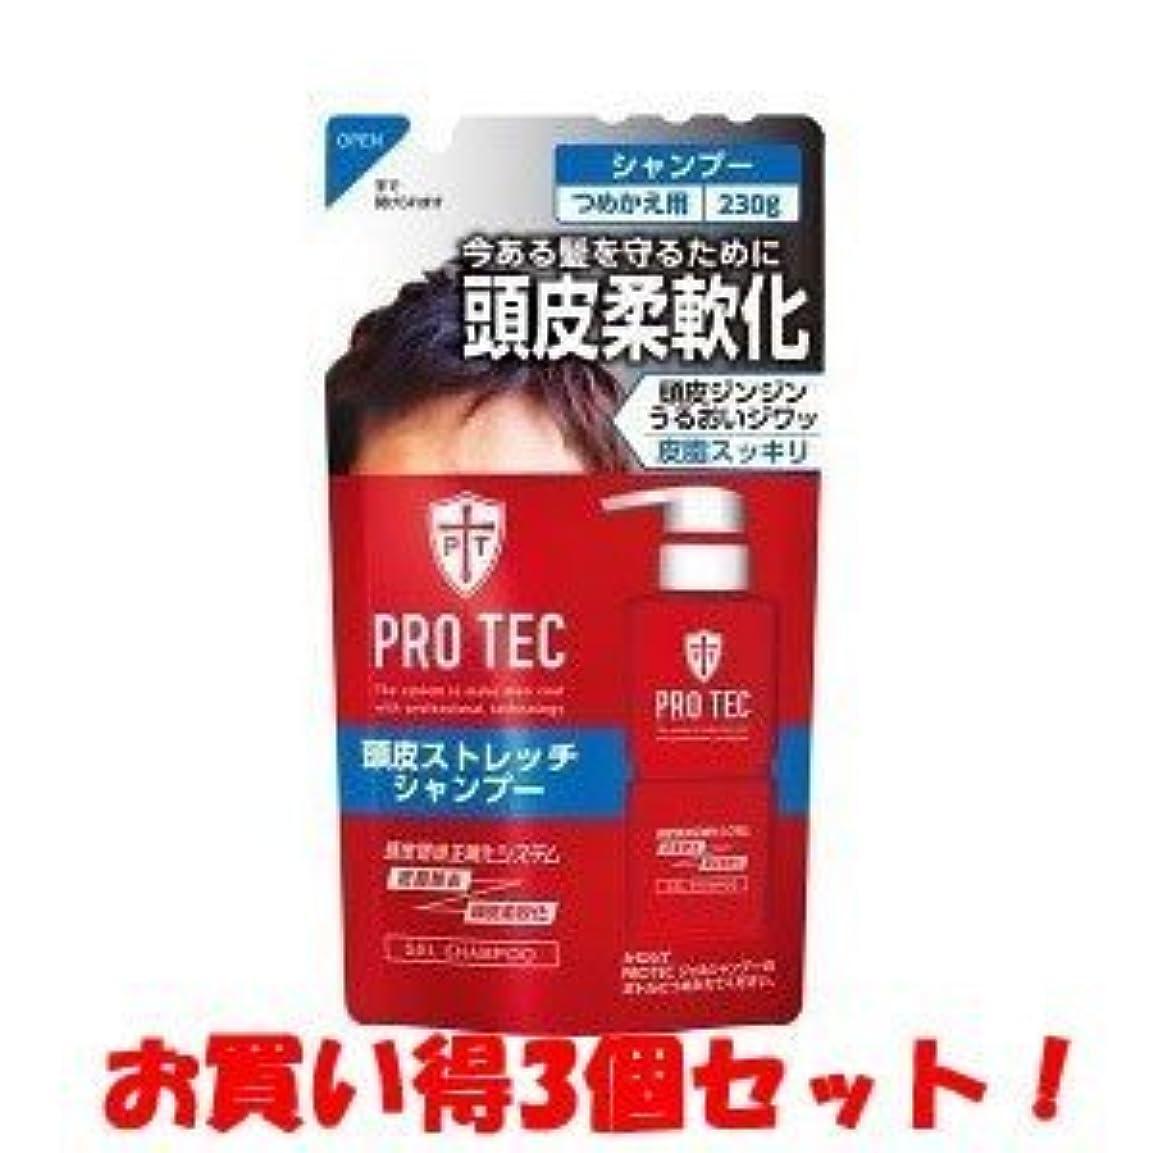 マウスバスタブキウイ(ライオン)PRO TEC(プロテク) 頭皮ストレッチ シャンプー つめかえ用 230g(医薬部外品)(お買い得3個セット)